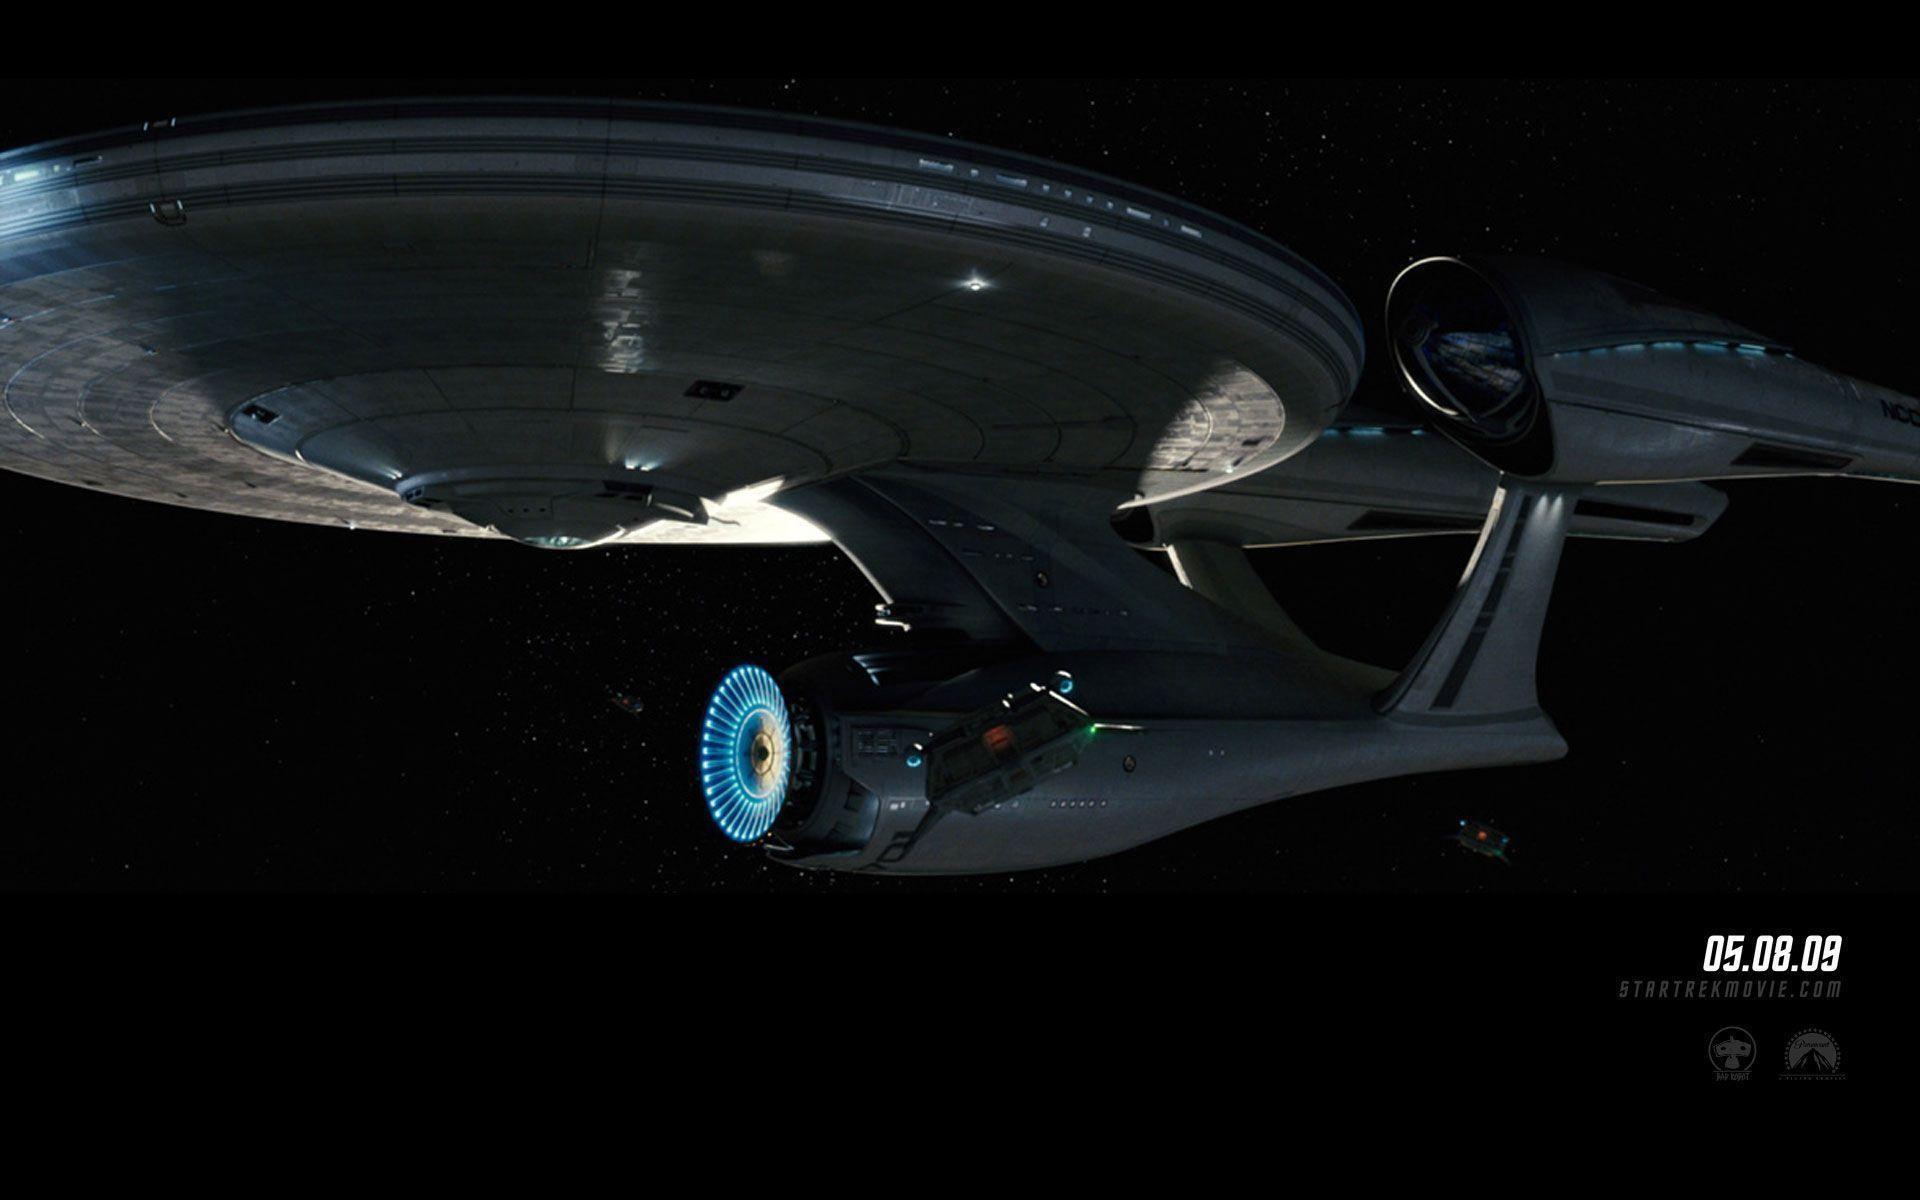 Star Trek Ship Wallpapers – WallpaperSafari